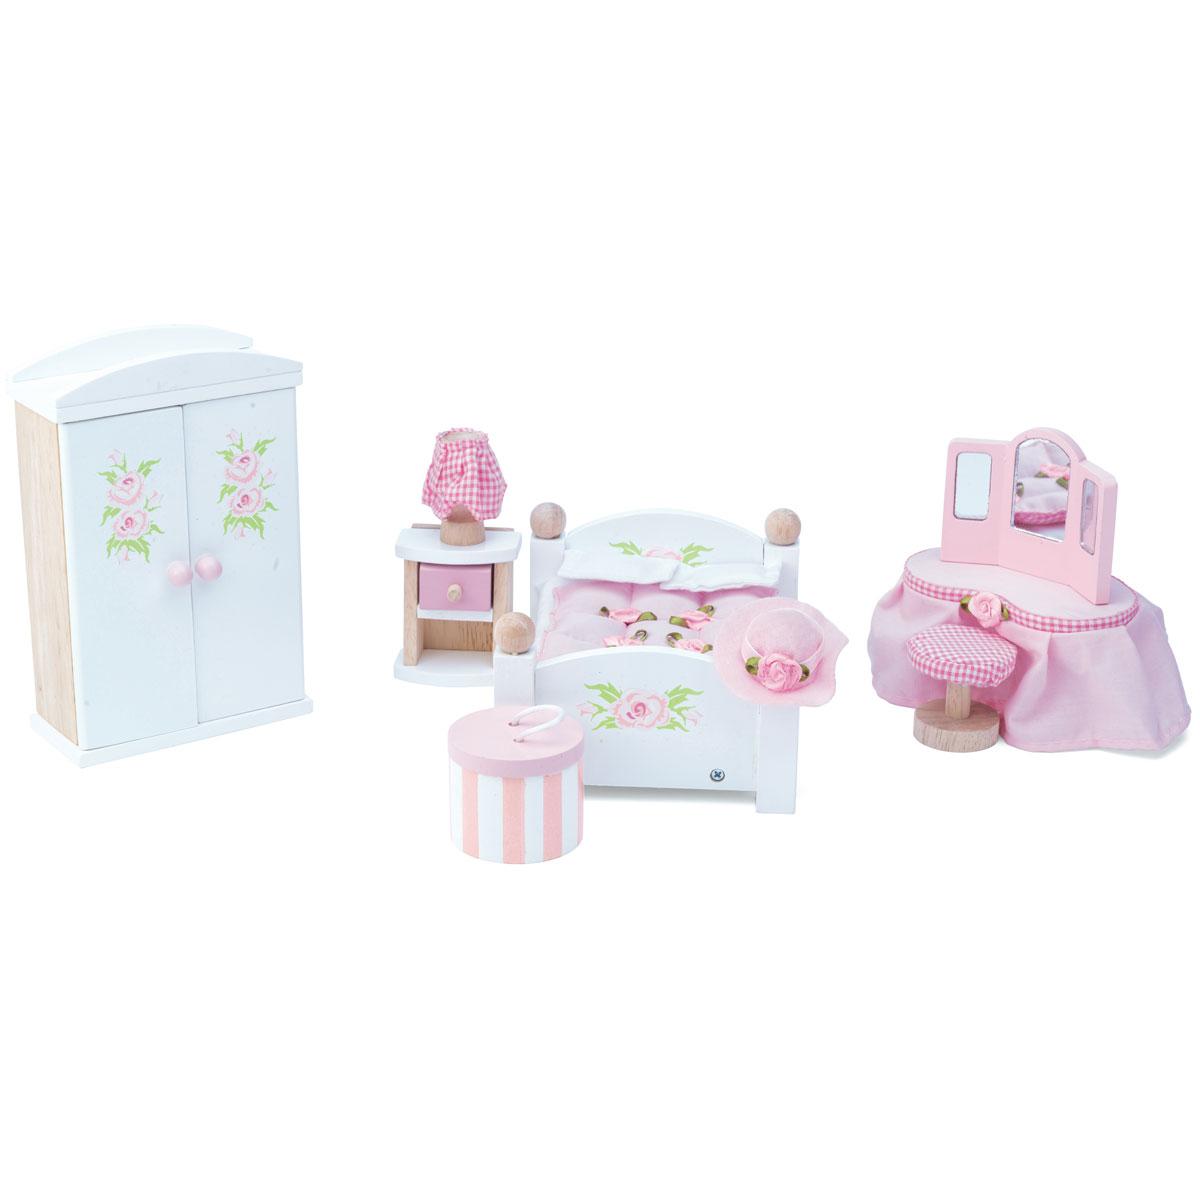 Schlafzimmer Le le daisylane schlafzimmer me057 puppenhausmöbel aus holz